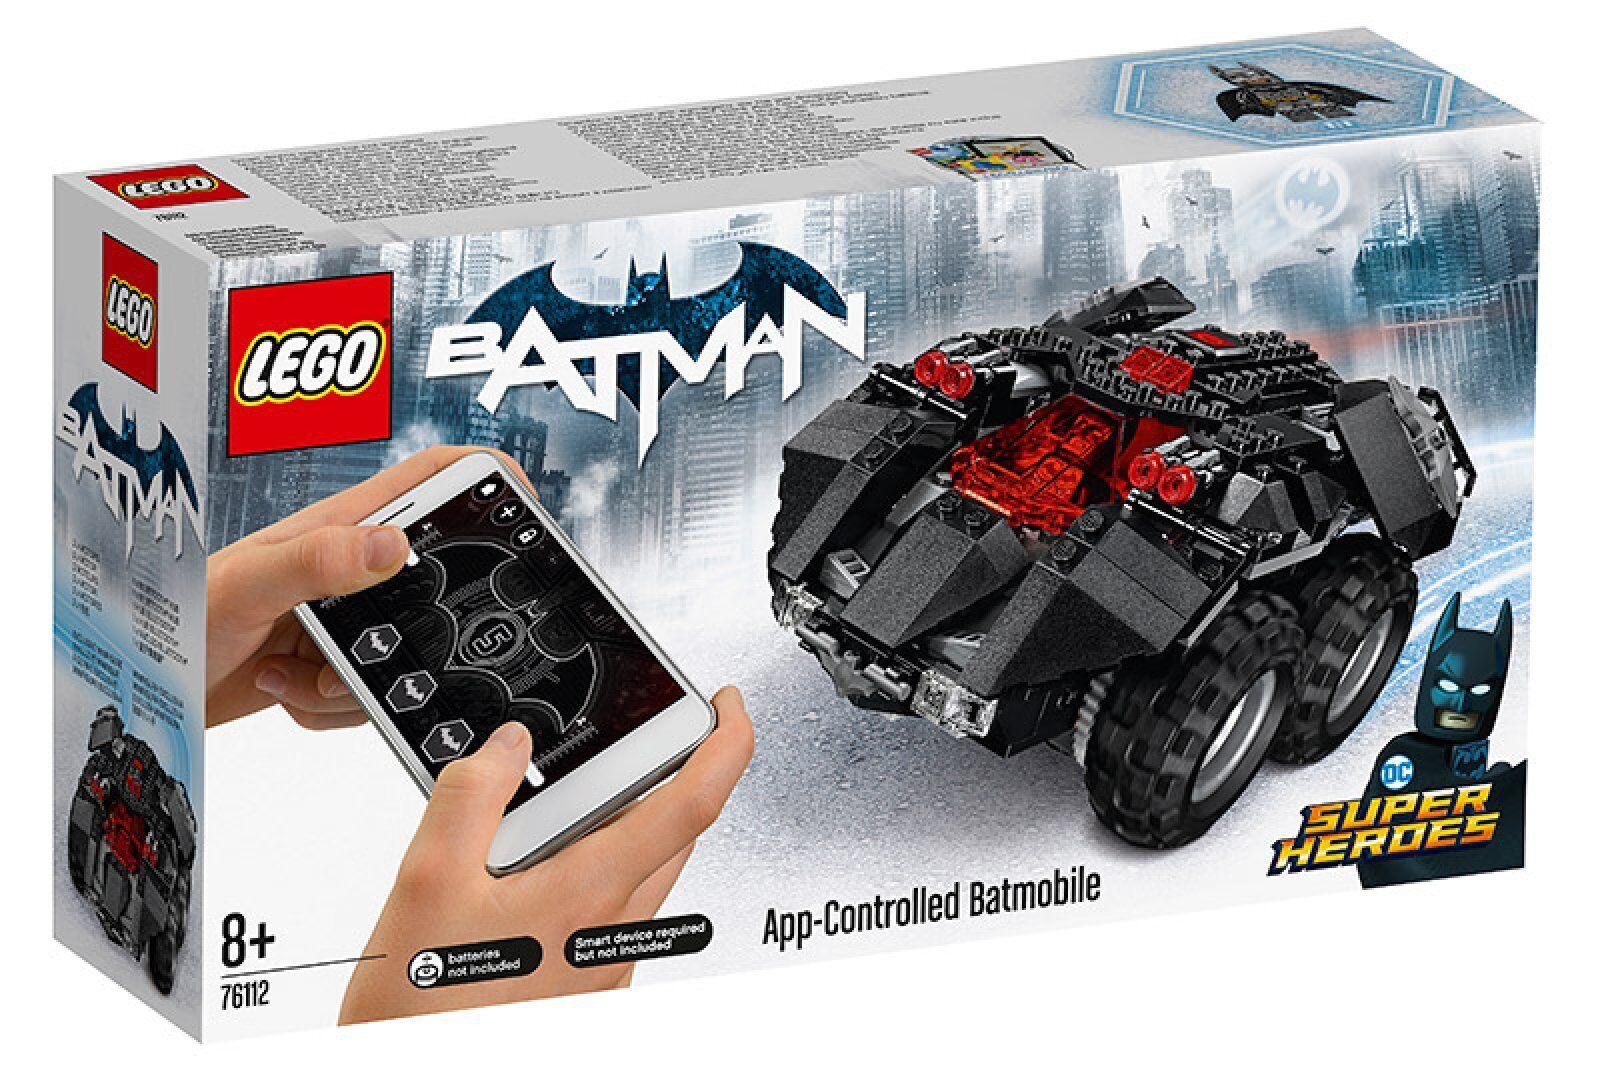 76112 LEGO DC  Superh. Batmobile telecouomodata  prezzi bassi di tutti i giorni